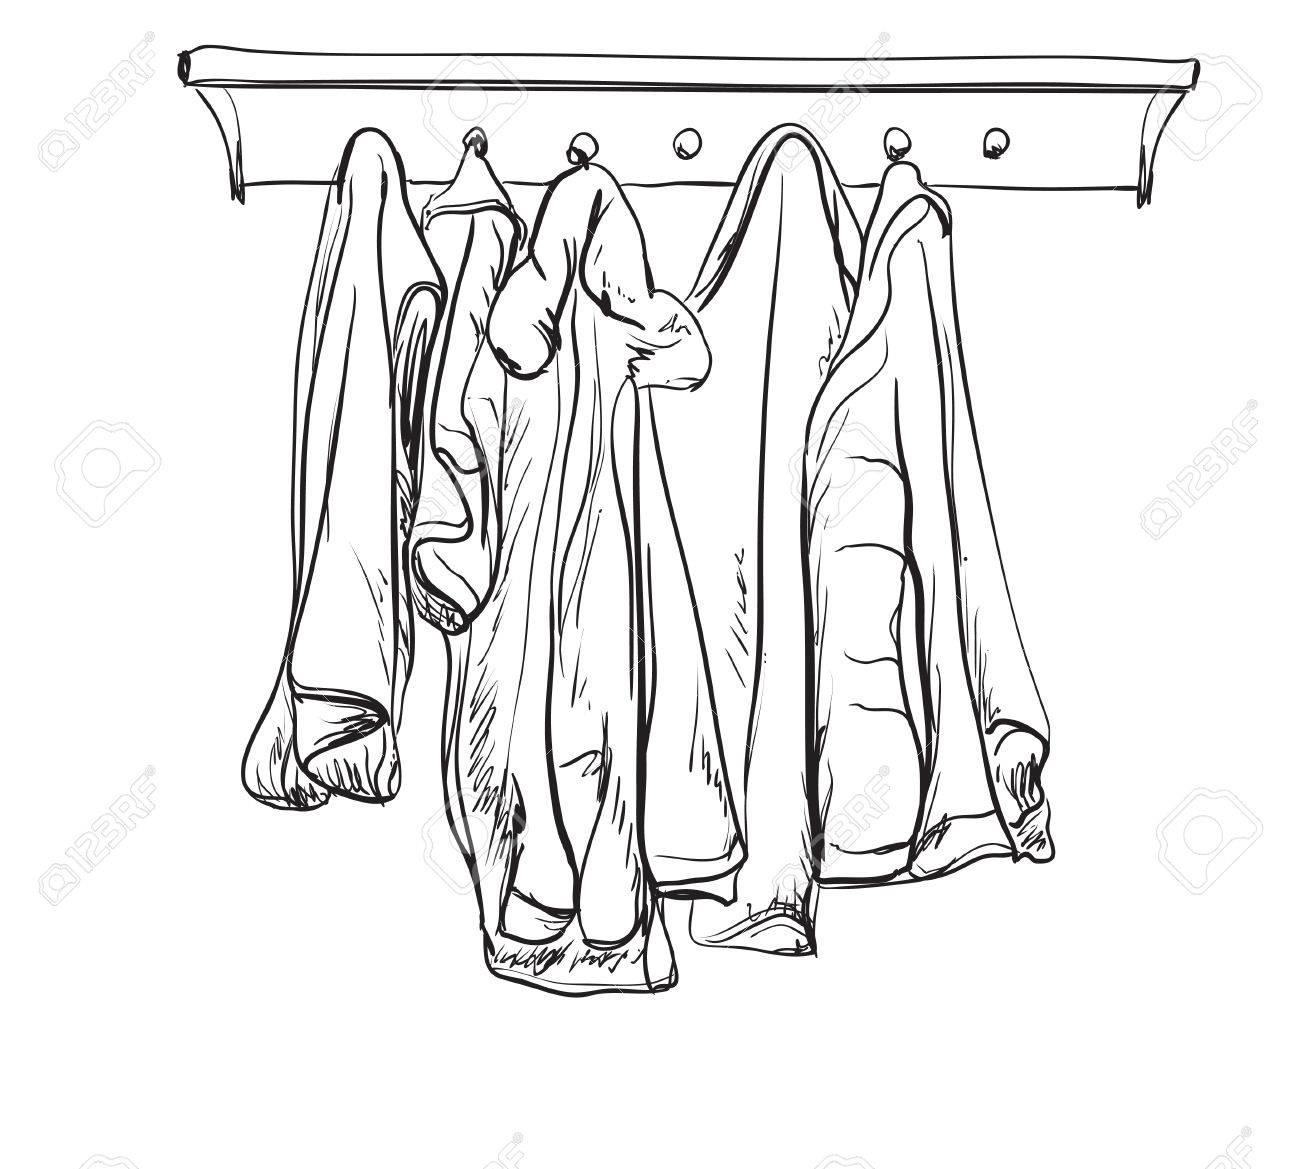 Schrank gezeichnet  Hand Gezeichnet Kleiderschrank Skizze. Kleidung Auf Den Bügeln ...